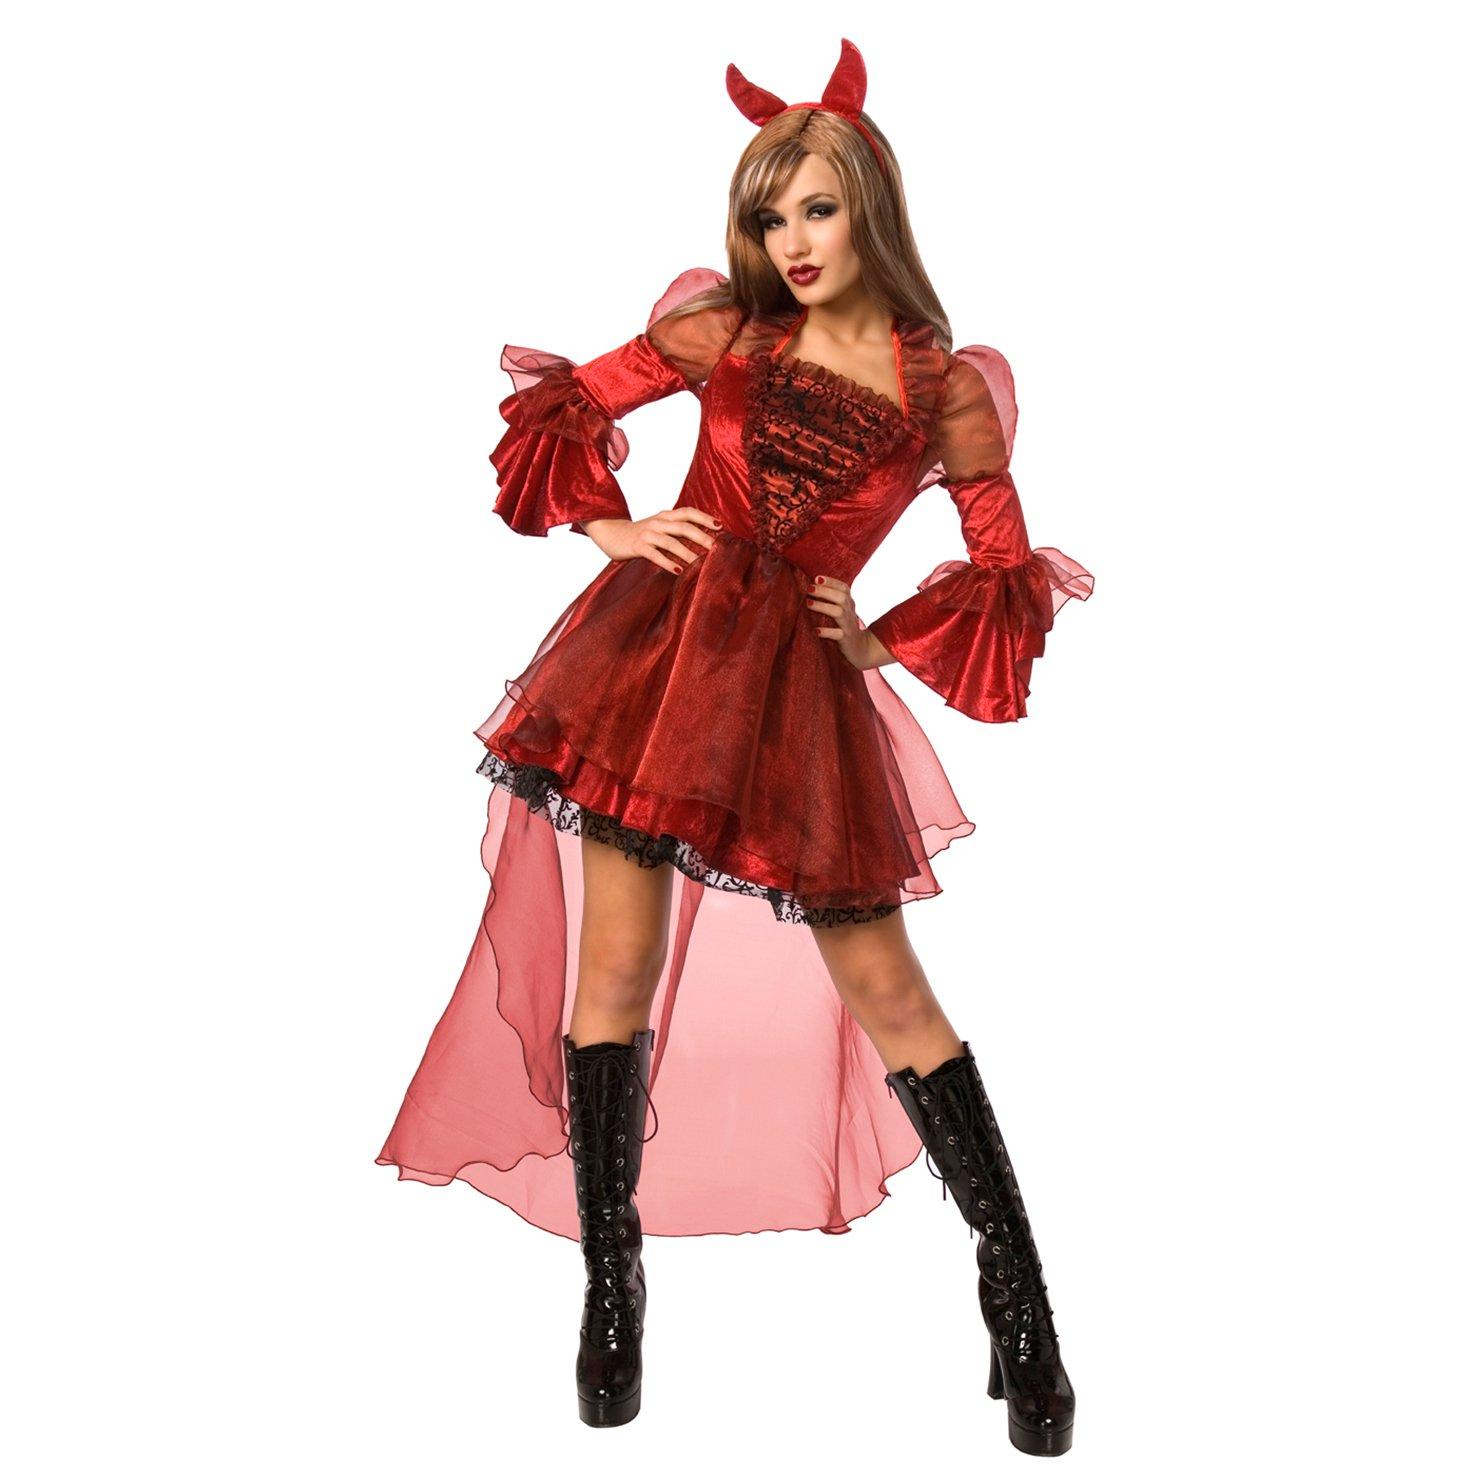 Diablesa Maga Bruja Malvada Disfraz - Medio: Amazon.es: Juguetes y ...